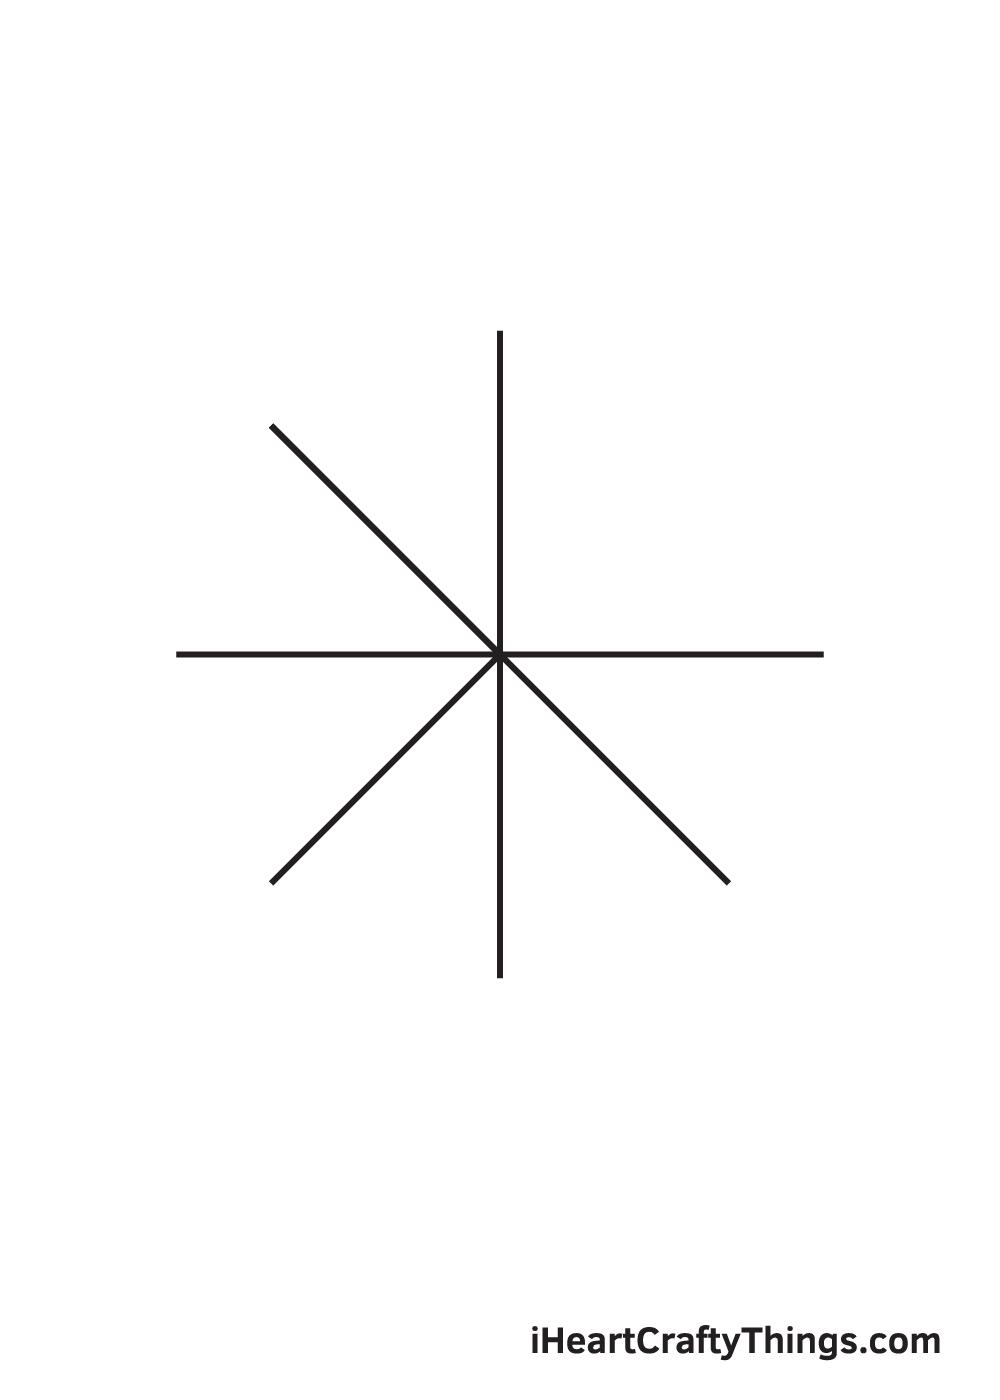 circle drawing step 5